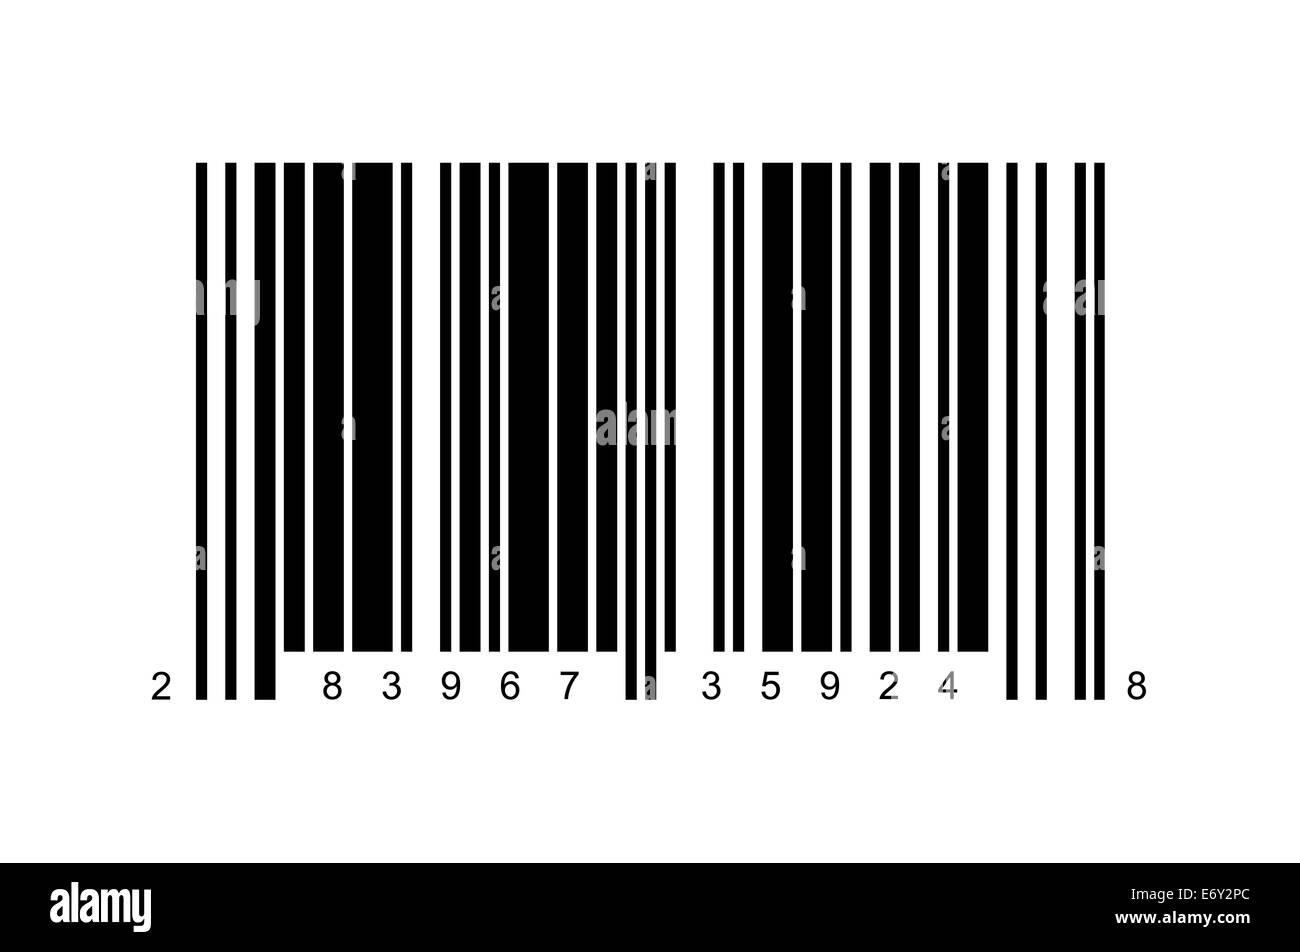 Large Bar Code Isolated on White Background. - Stock Image